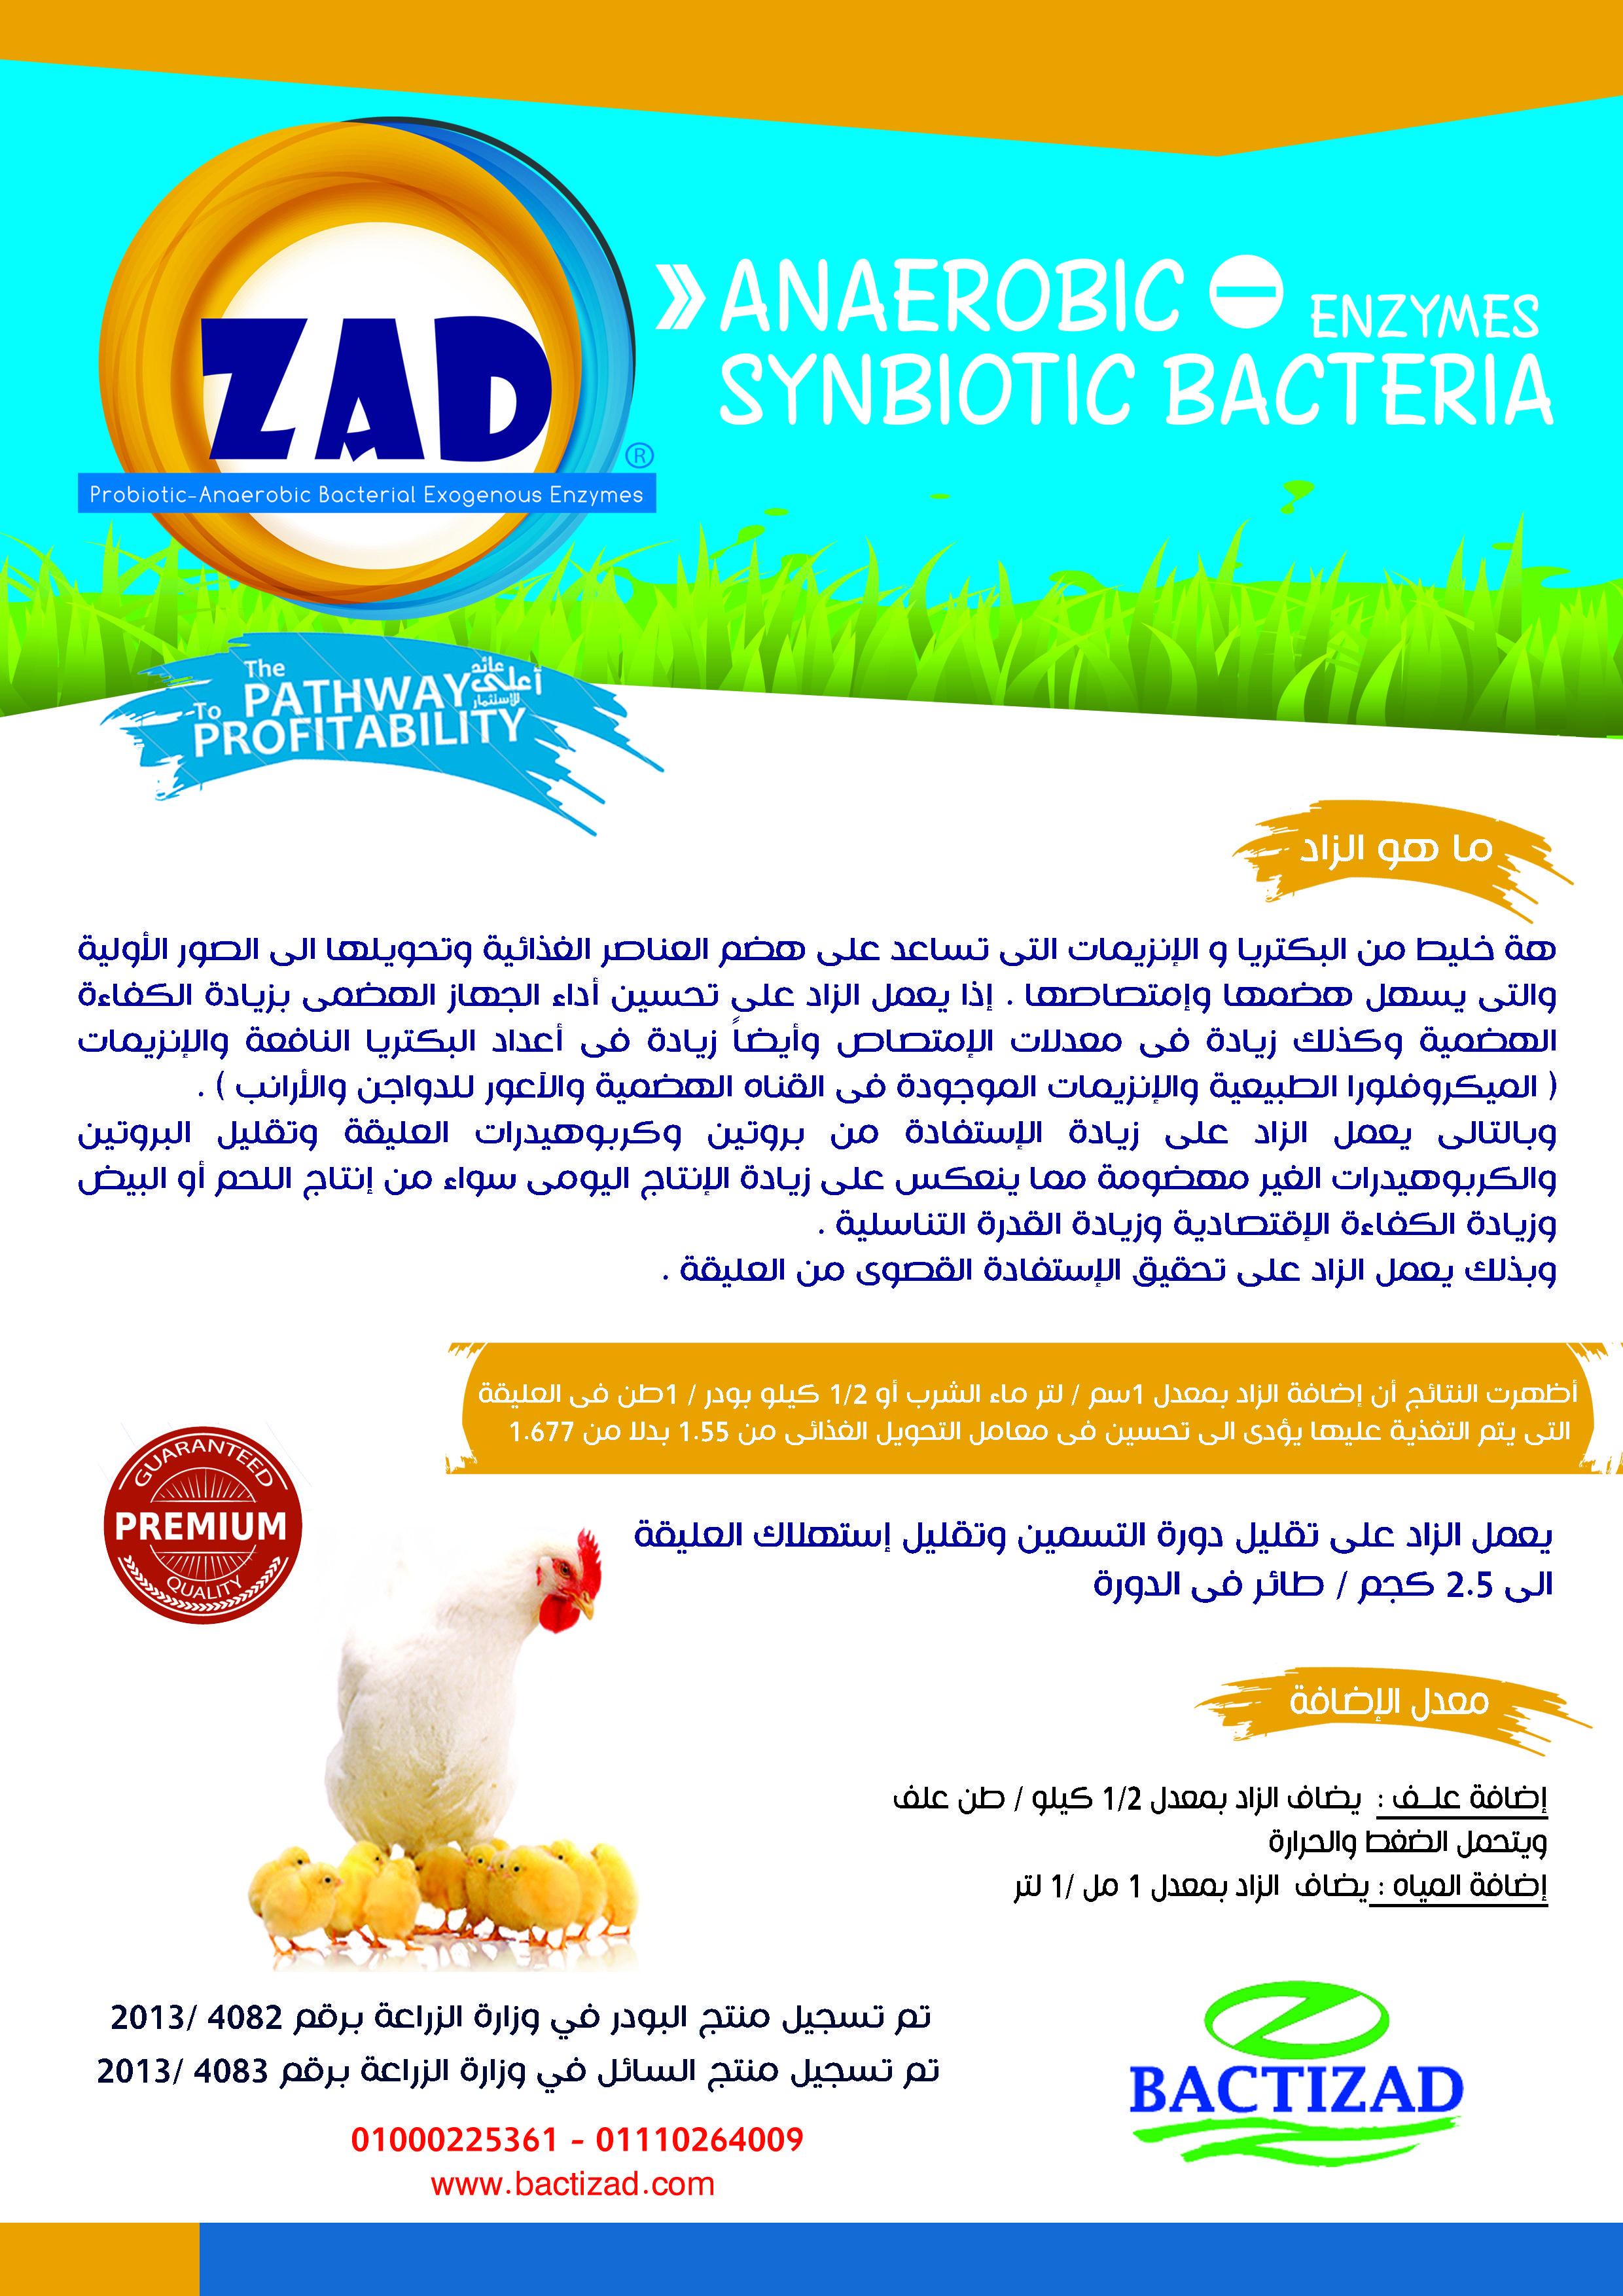 شركة زاد ماهو الزاد هو خليط من البكتريا والانزيمات التى تساعد على هضم العناصرالغذائية وتحويلها إلى الصور الاولية والتى يسهل هضمها وإم Probiotics Enzymes Jouy